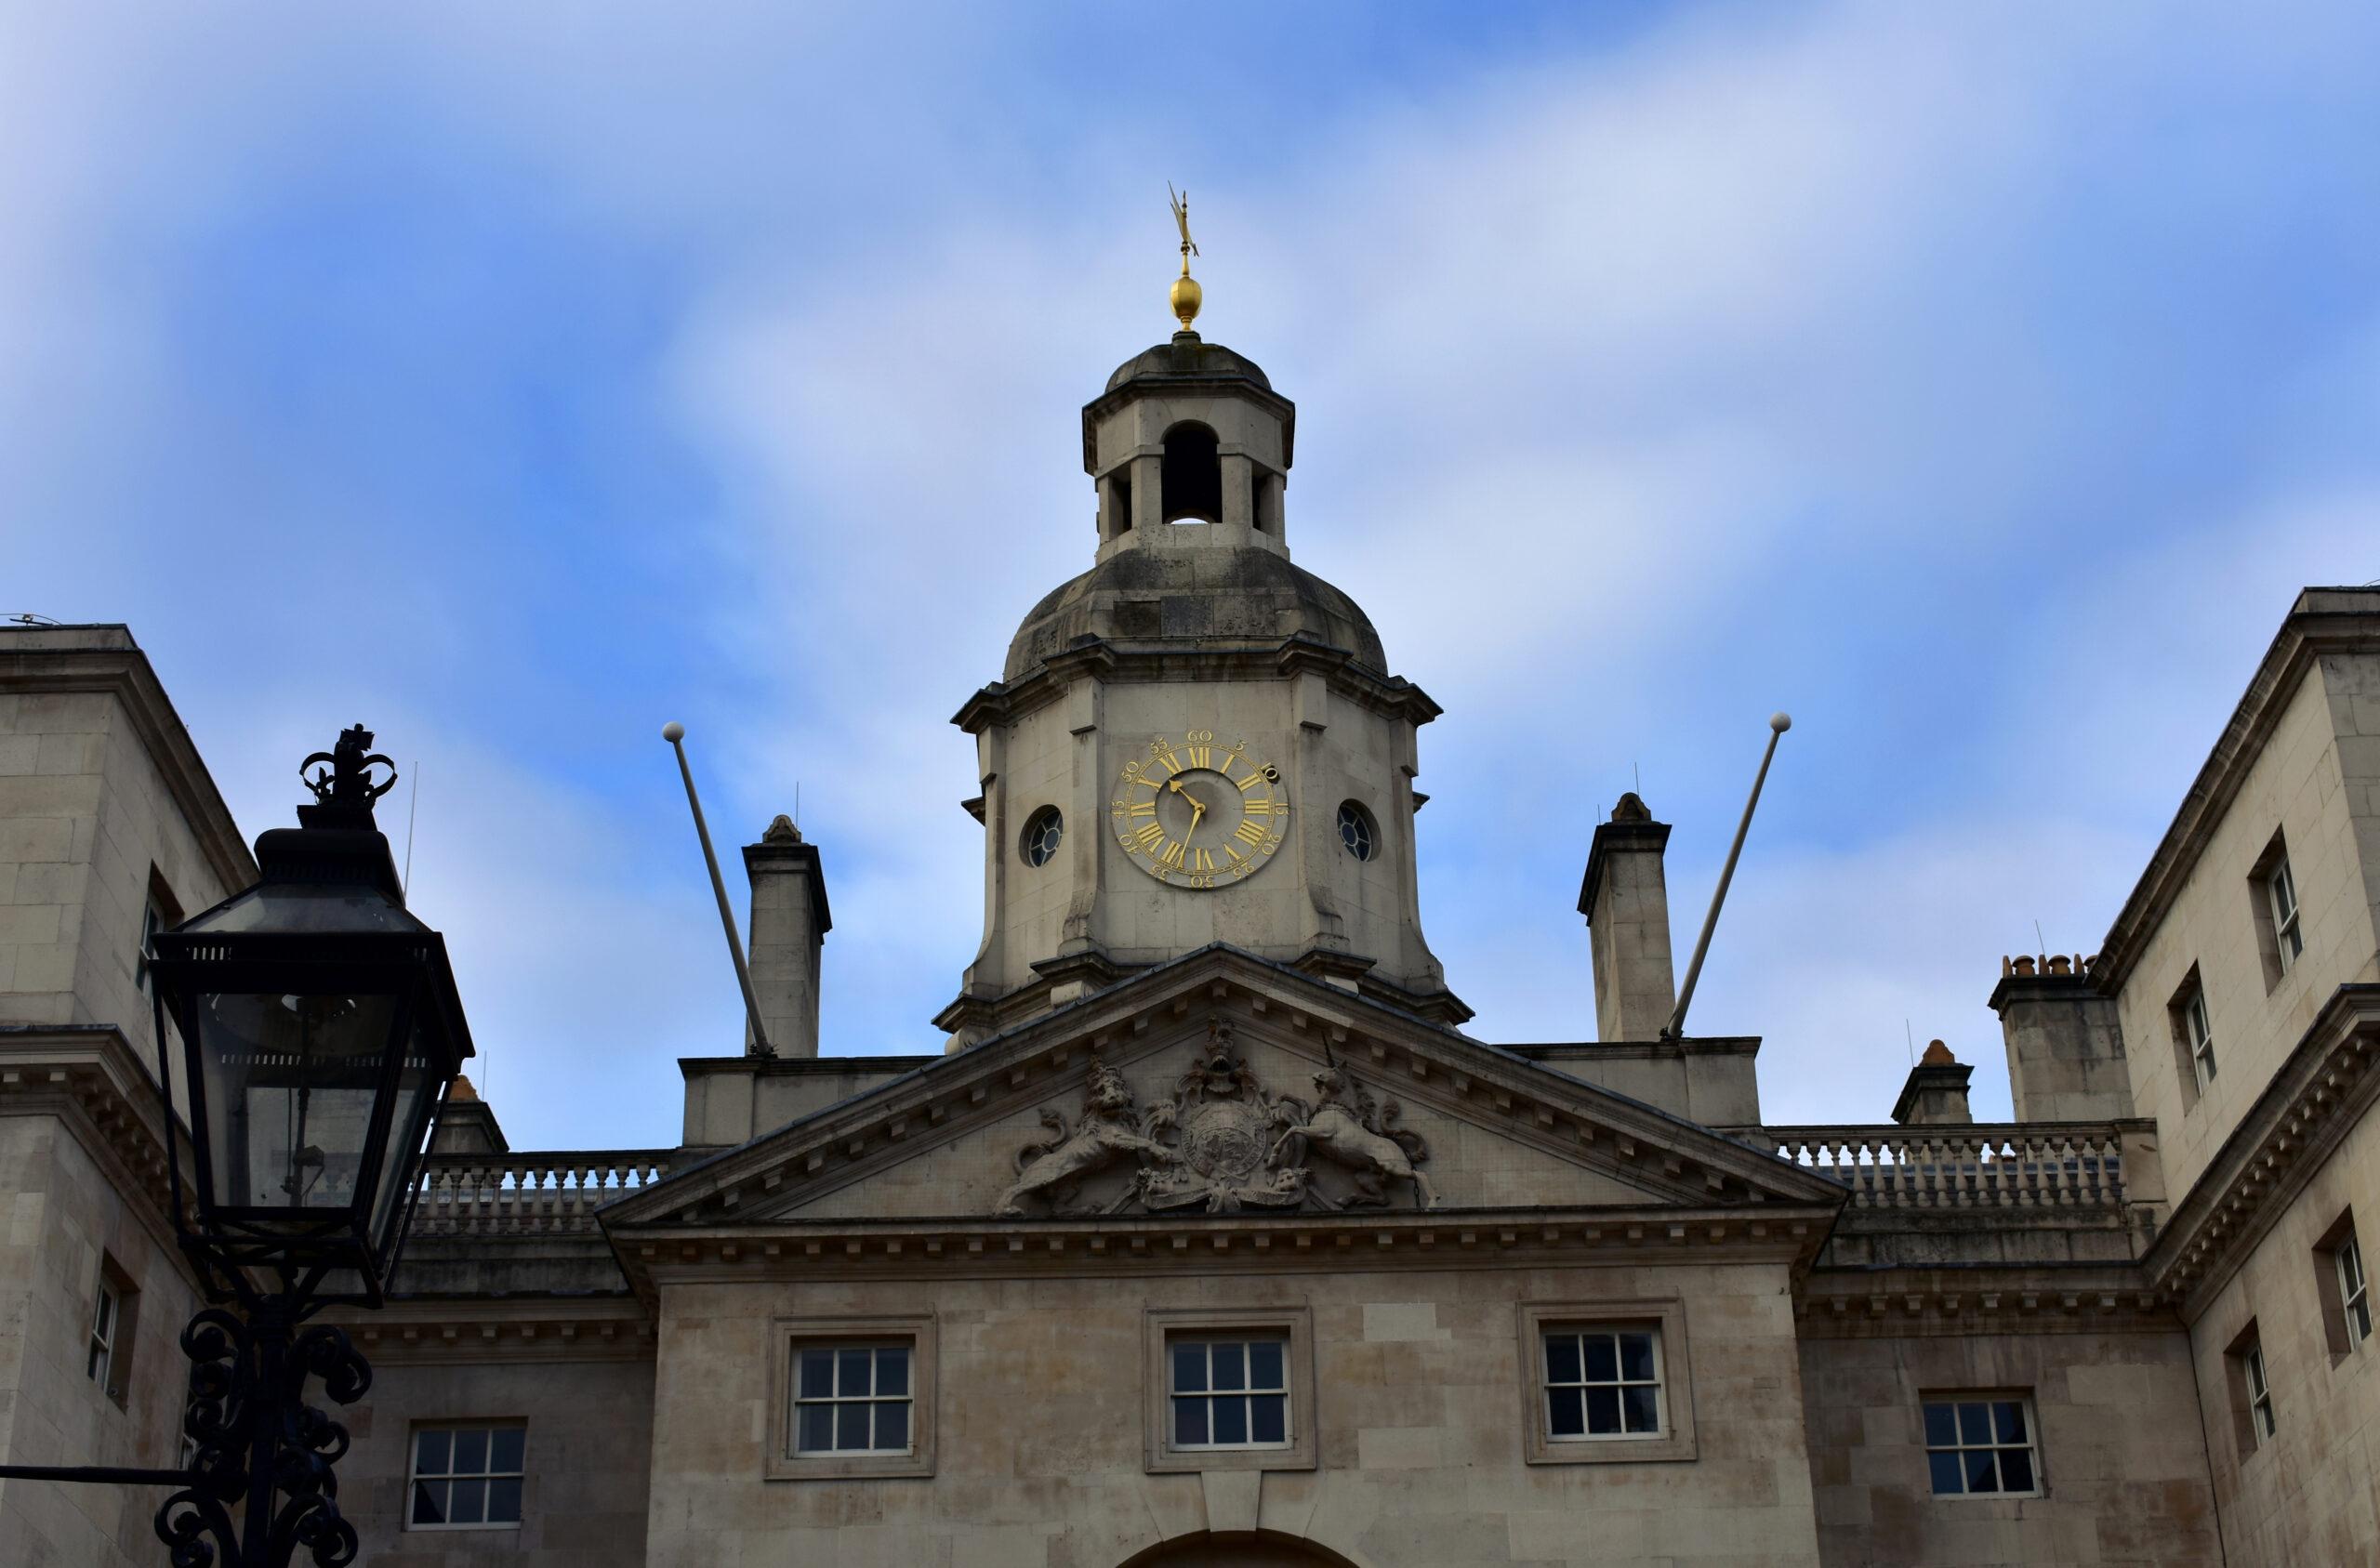 Το ρολόι που υπάρχει στην είσοδο του Horse Guards Parade